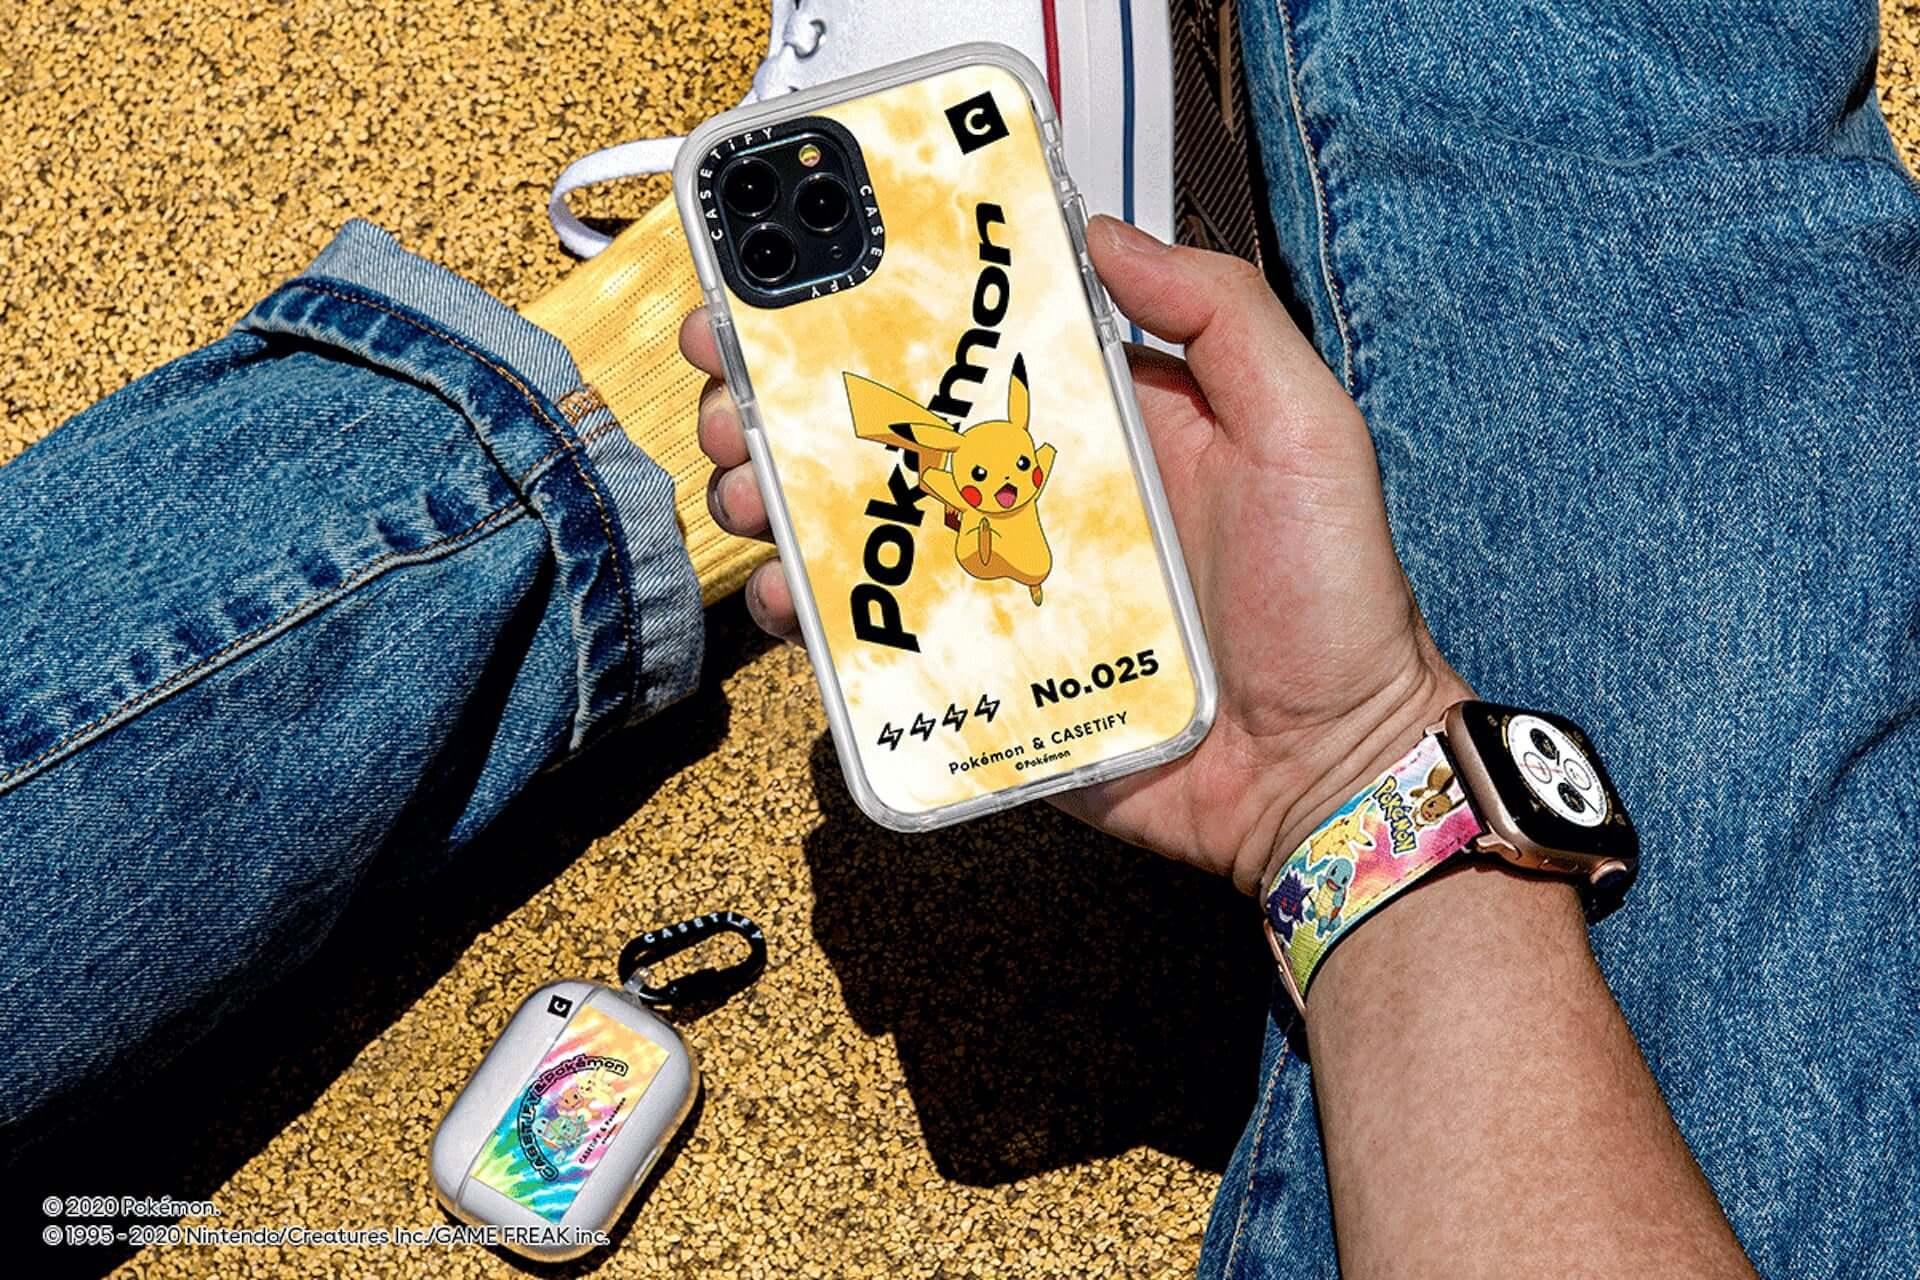 CASETiFYとポケモンの再タッグが実現!新コレクション第1弾にiPhoneケース、ワイヤレスチャージャー等が発売決定 tech200727_casetify-pokemon_10-1920x1280